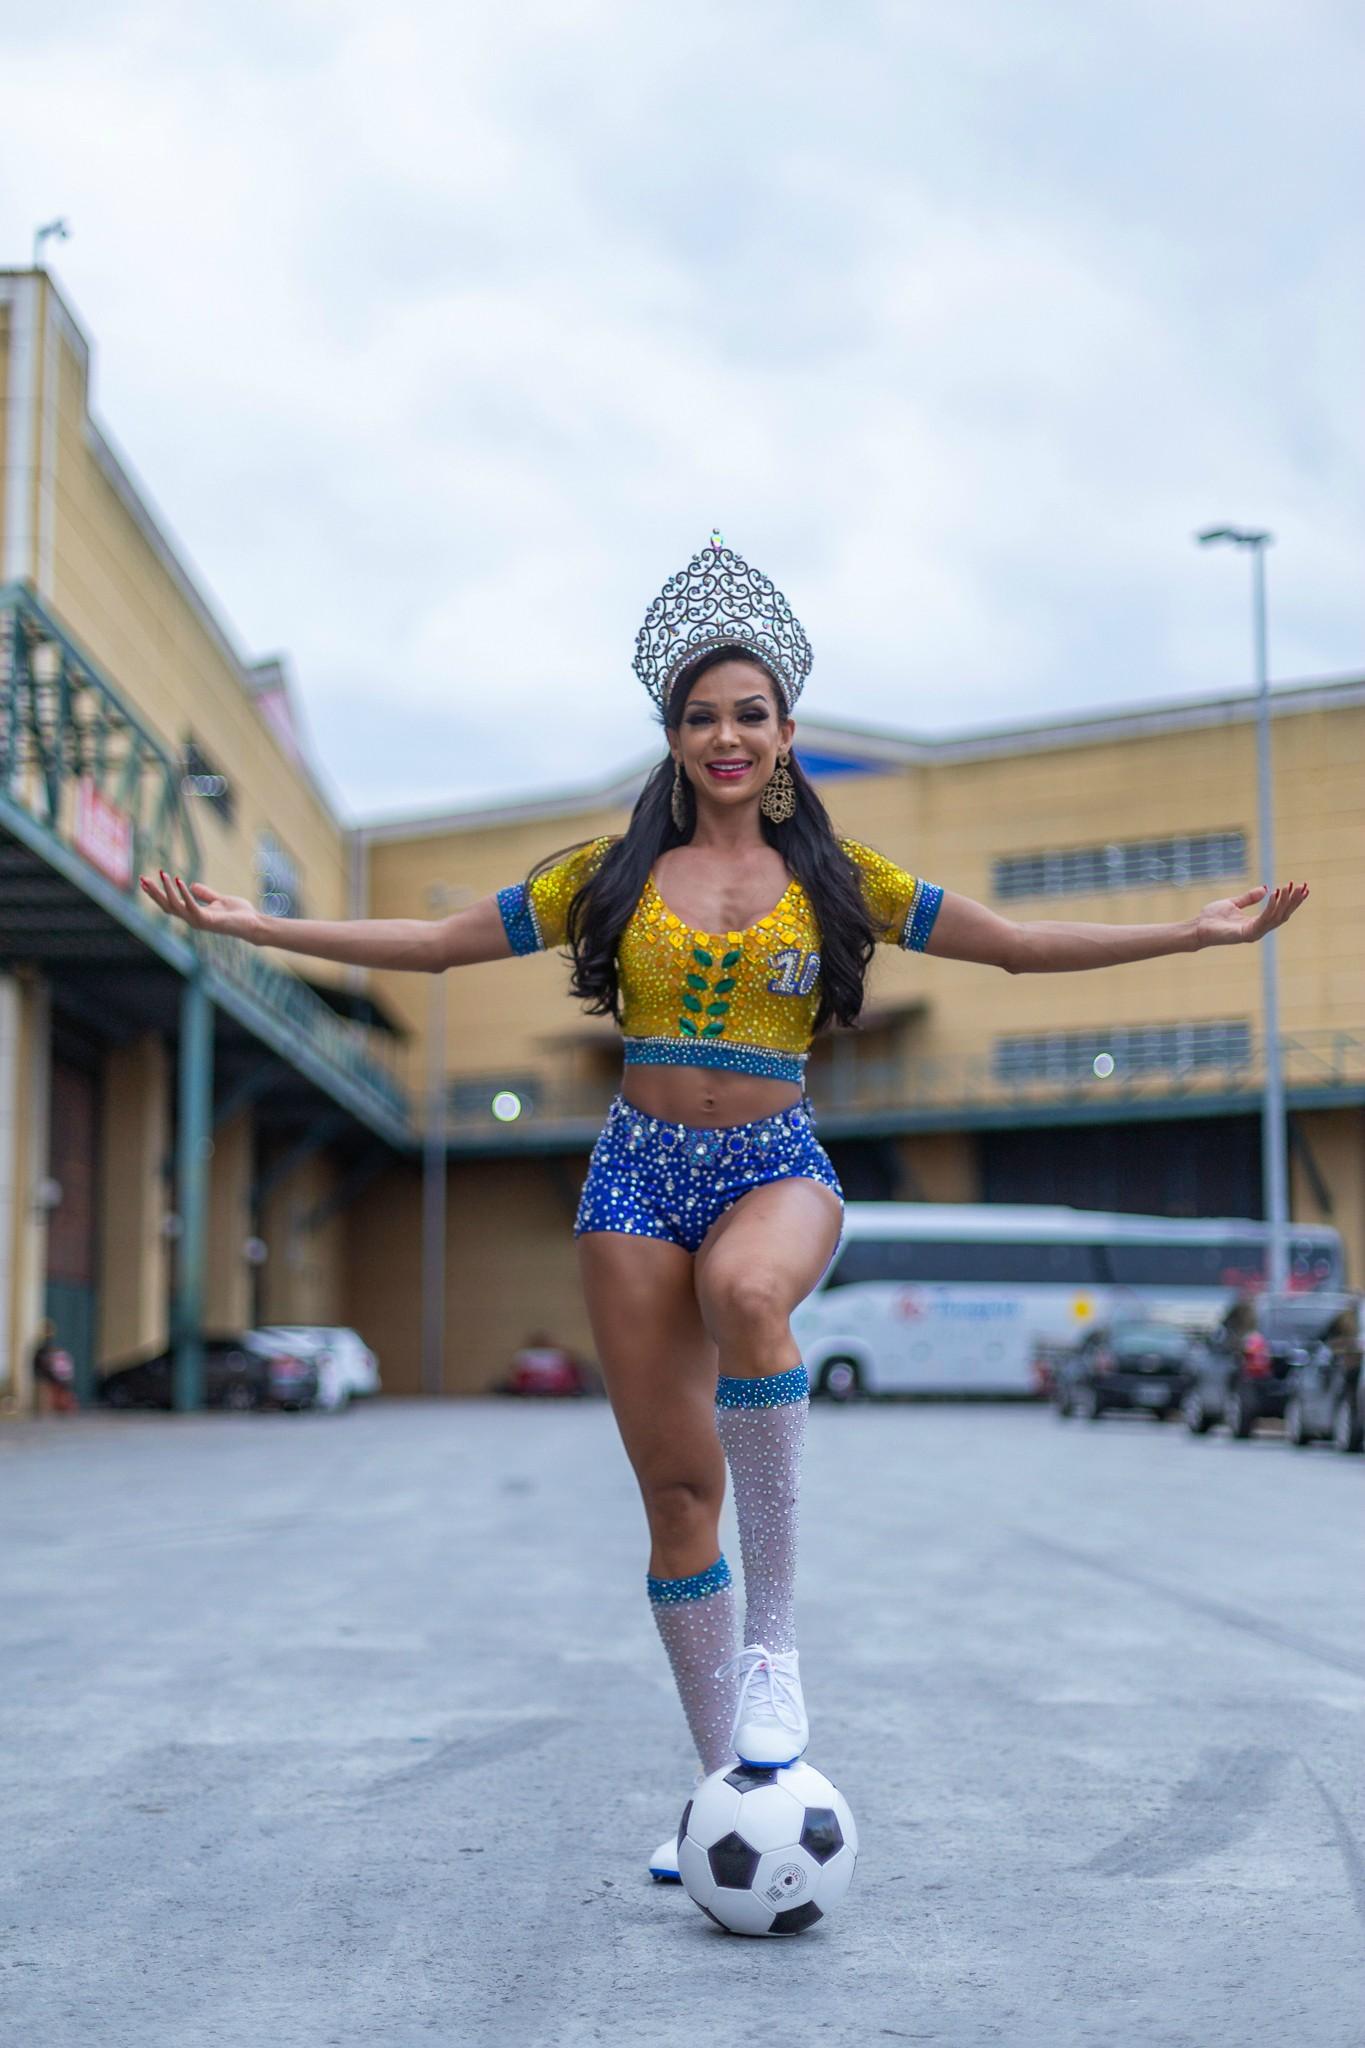 Rainha da Inocentes, Letícia Guimarães faz ensaio inspirado na jogadora Marta